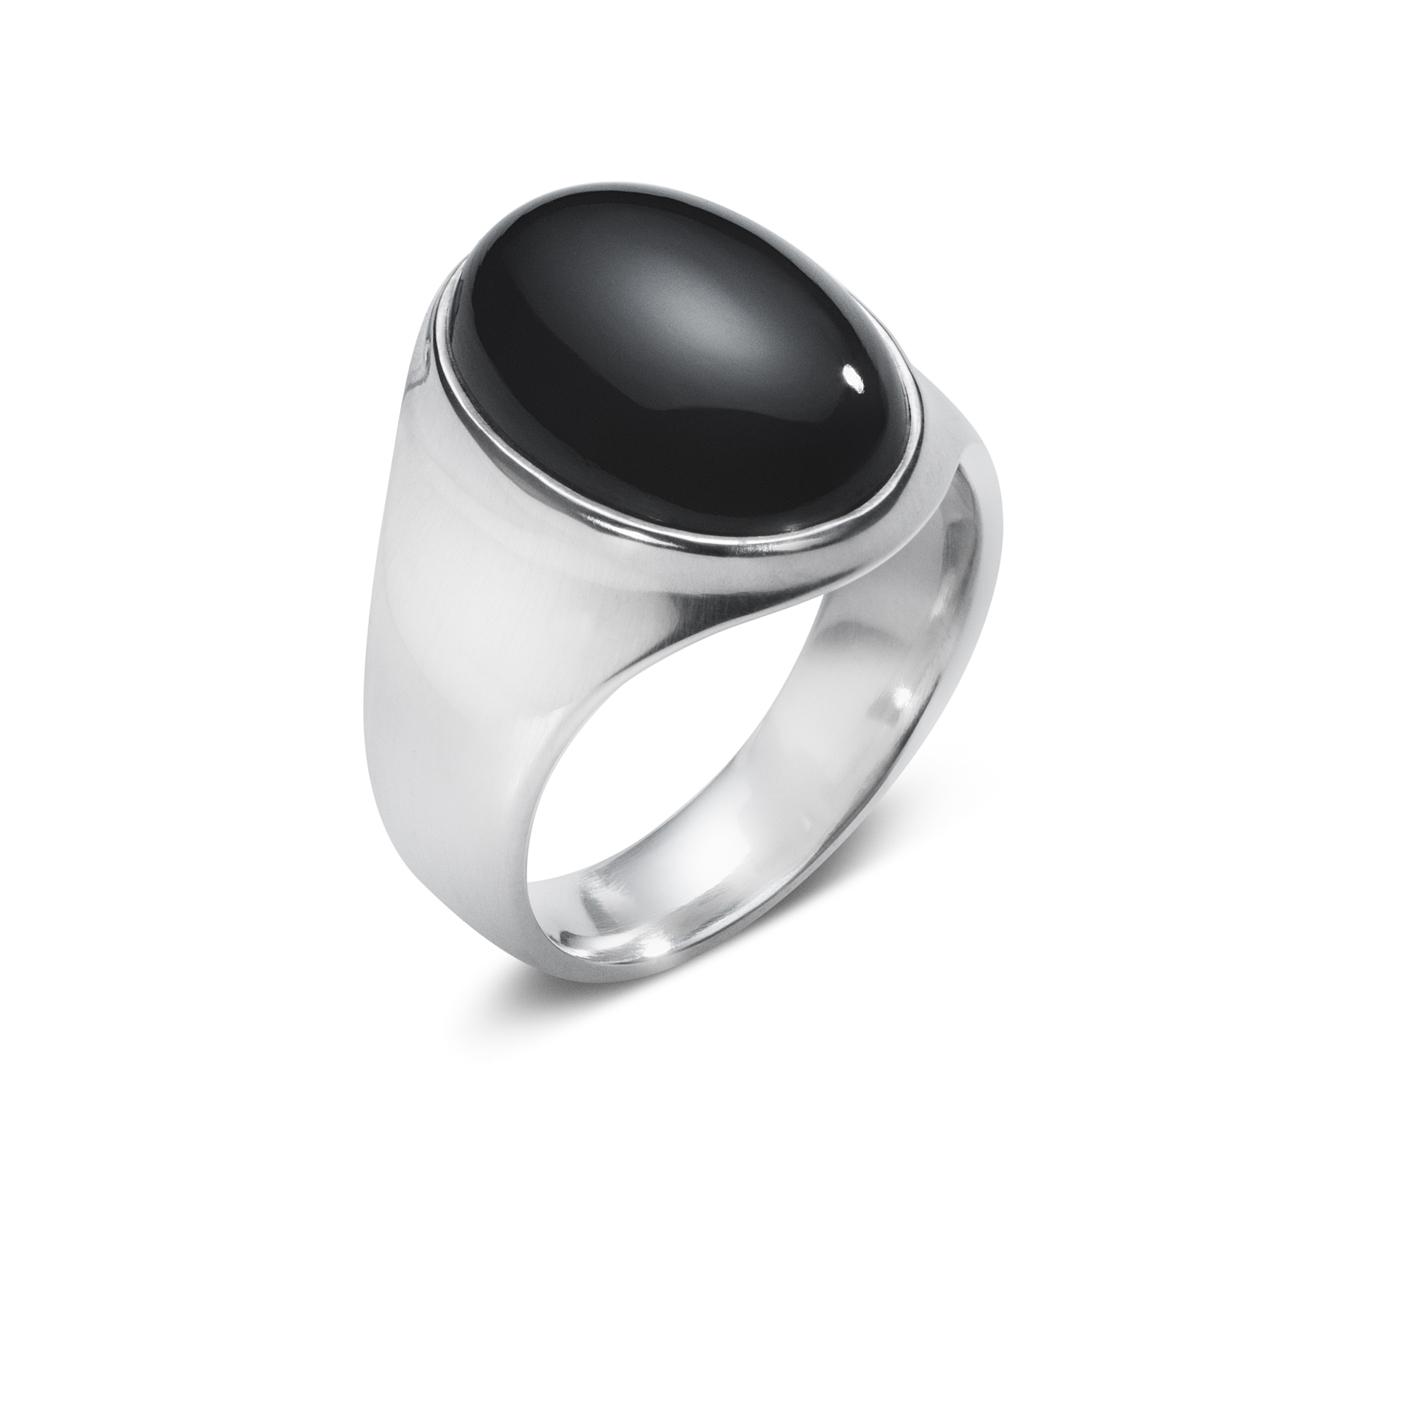 Image of   Georg Jensen 606 ring - 3561060 Størrelse 56